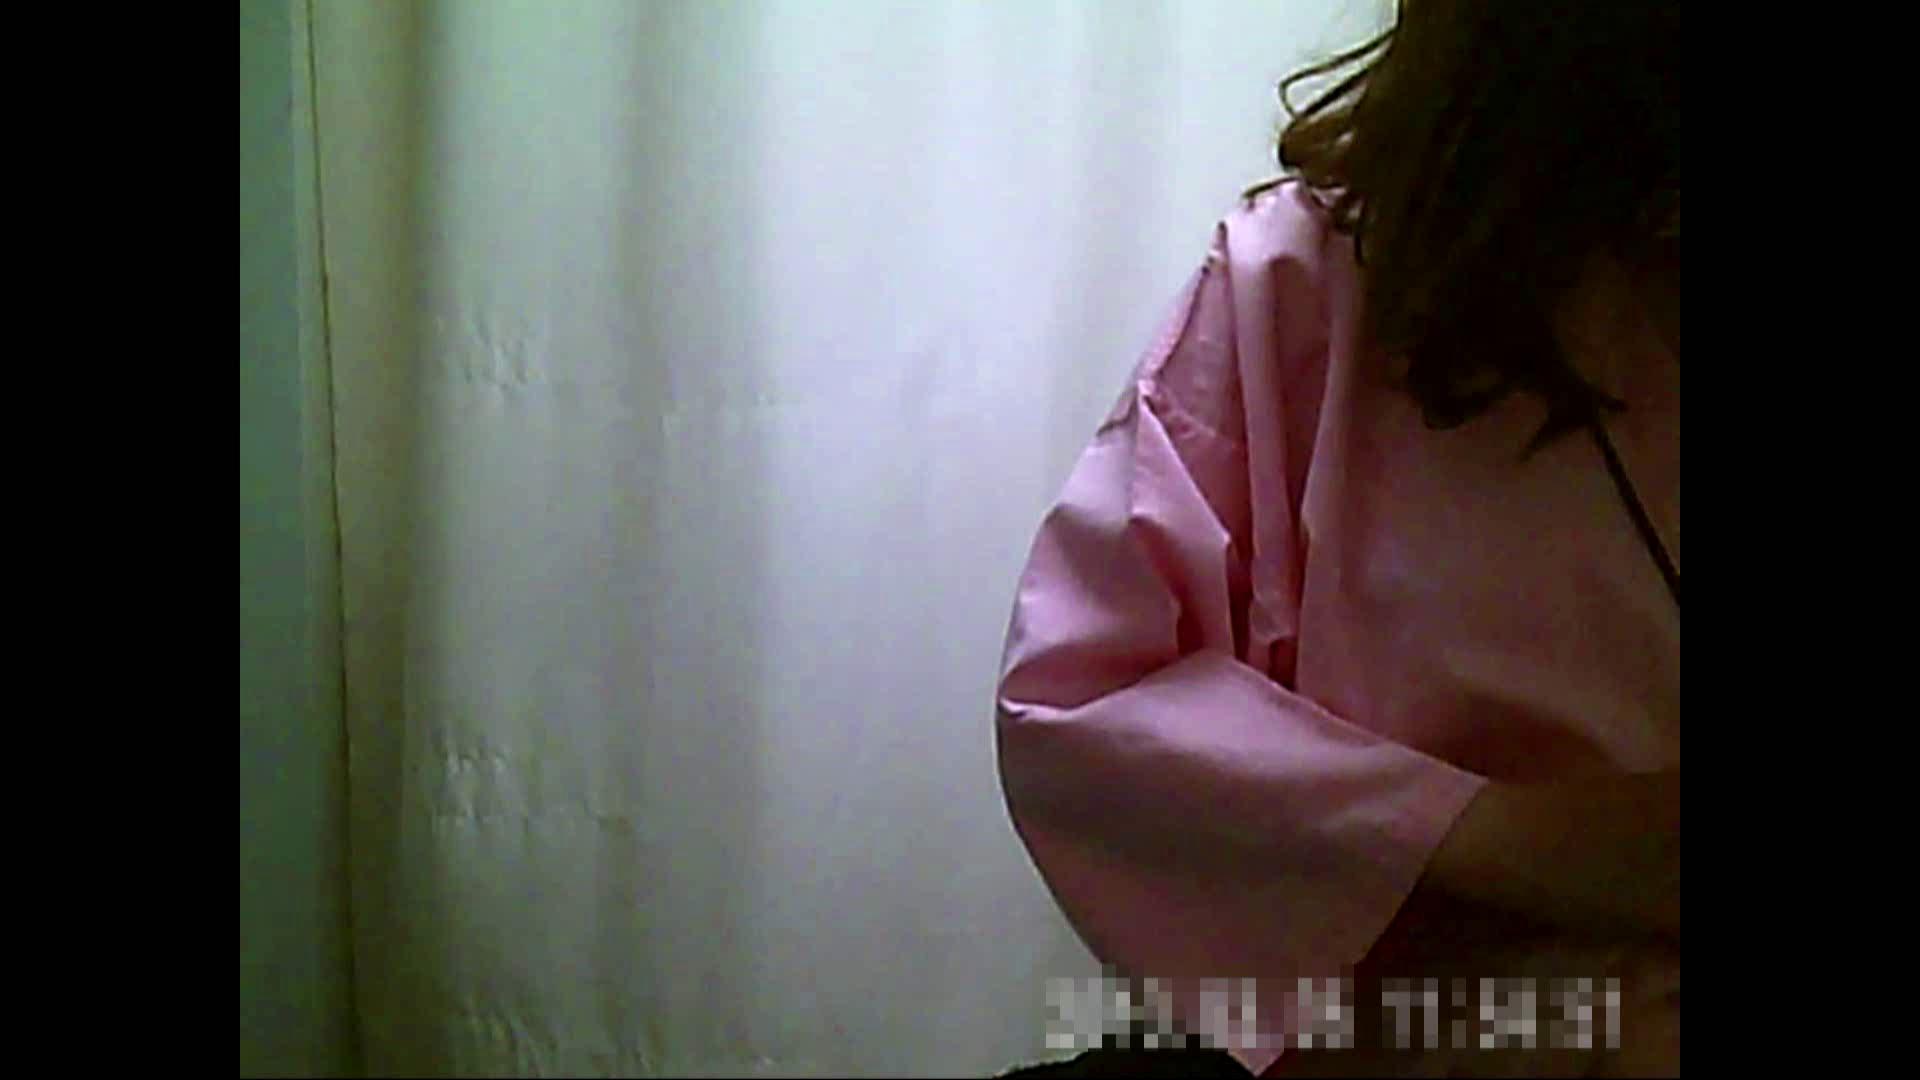 アダルトエロ動画|元医者による反抗 更衣室地獄絵巻 vol.101|怪盗ジョーカー